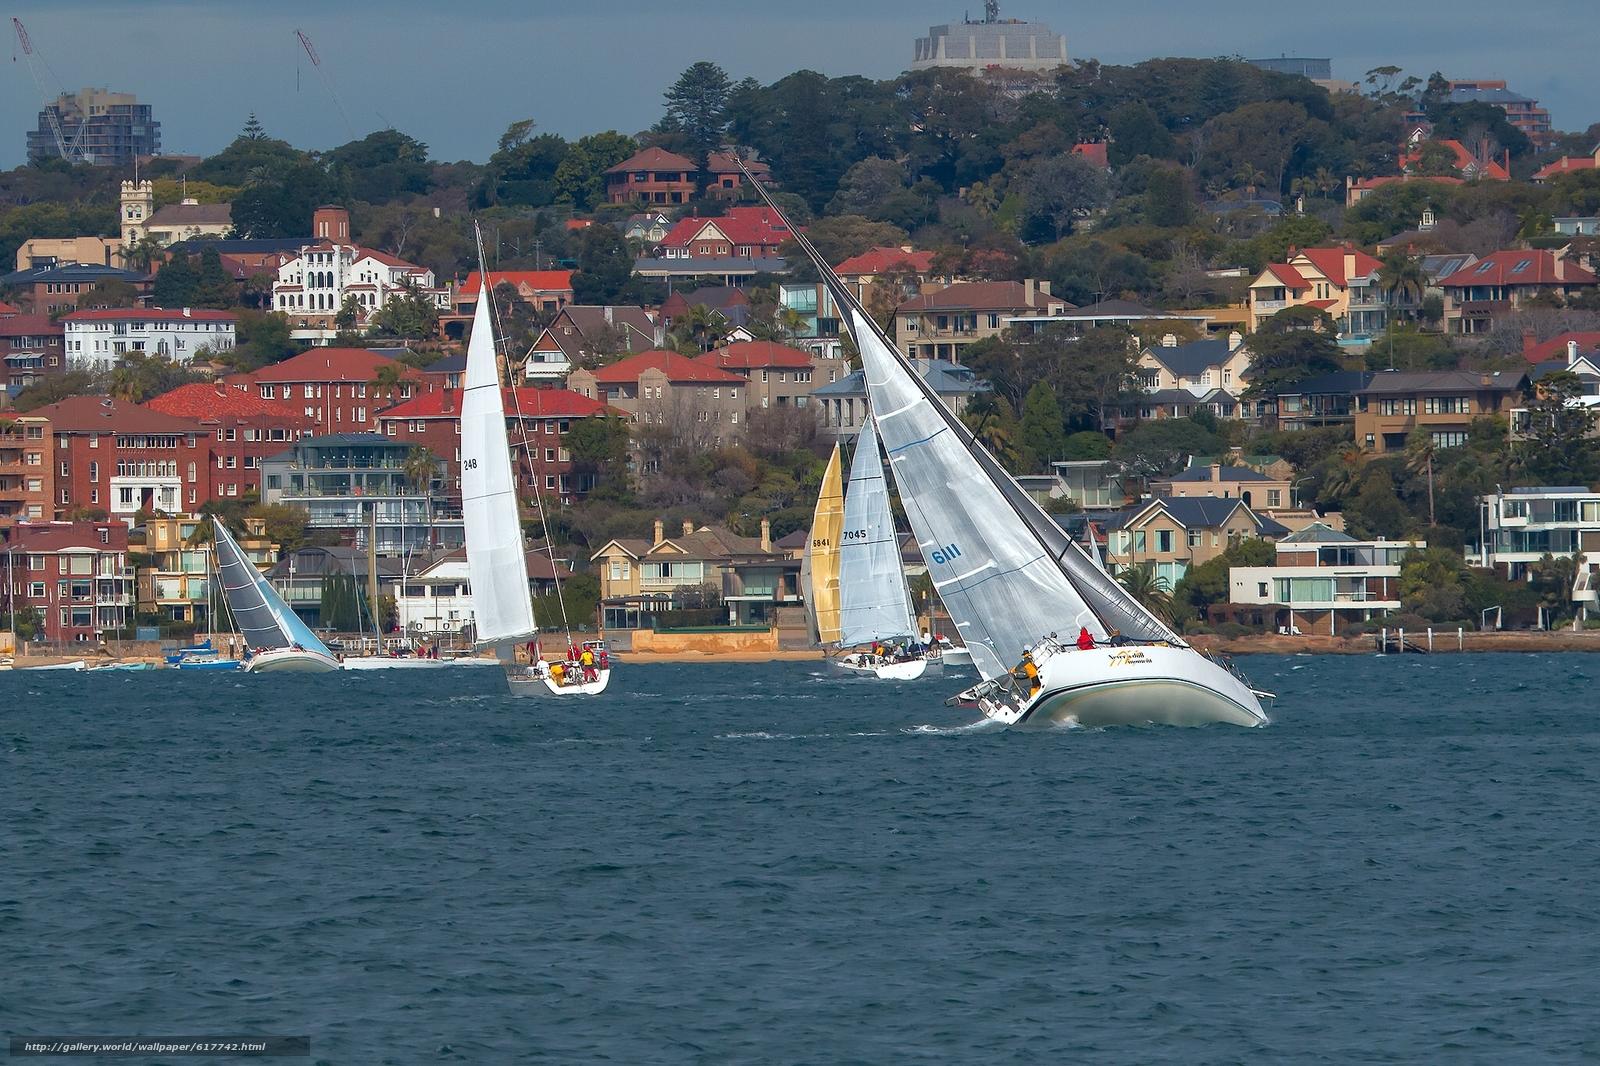 Скачать обои Sydney Harbour,  Sydney,  Australia,  Сиднейская бухта бесплатно для рабочего стола в разрешении 2048x1365 — картинка №617742